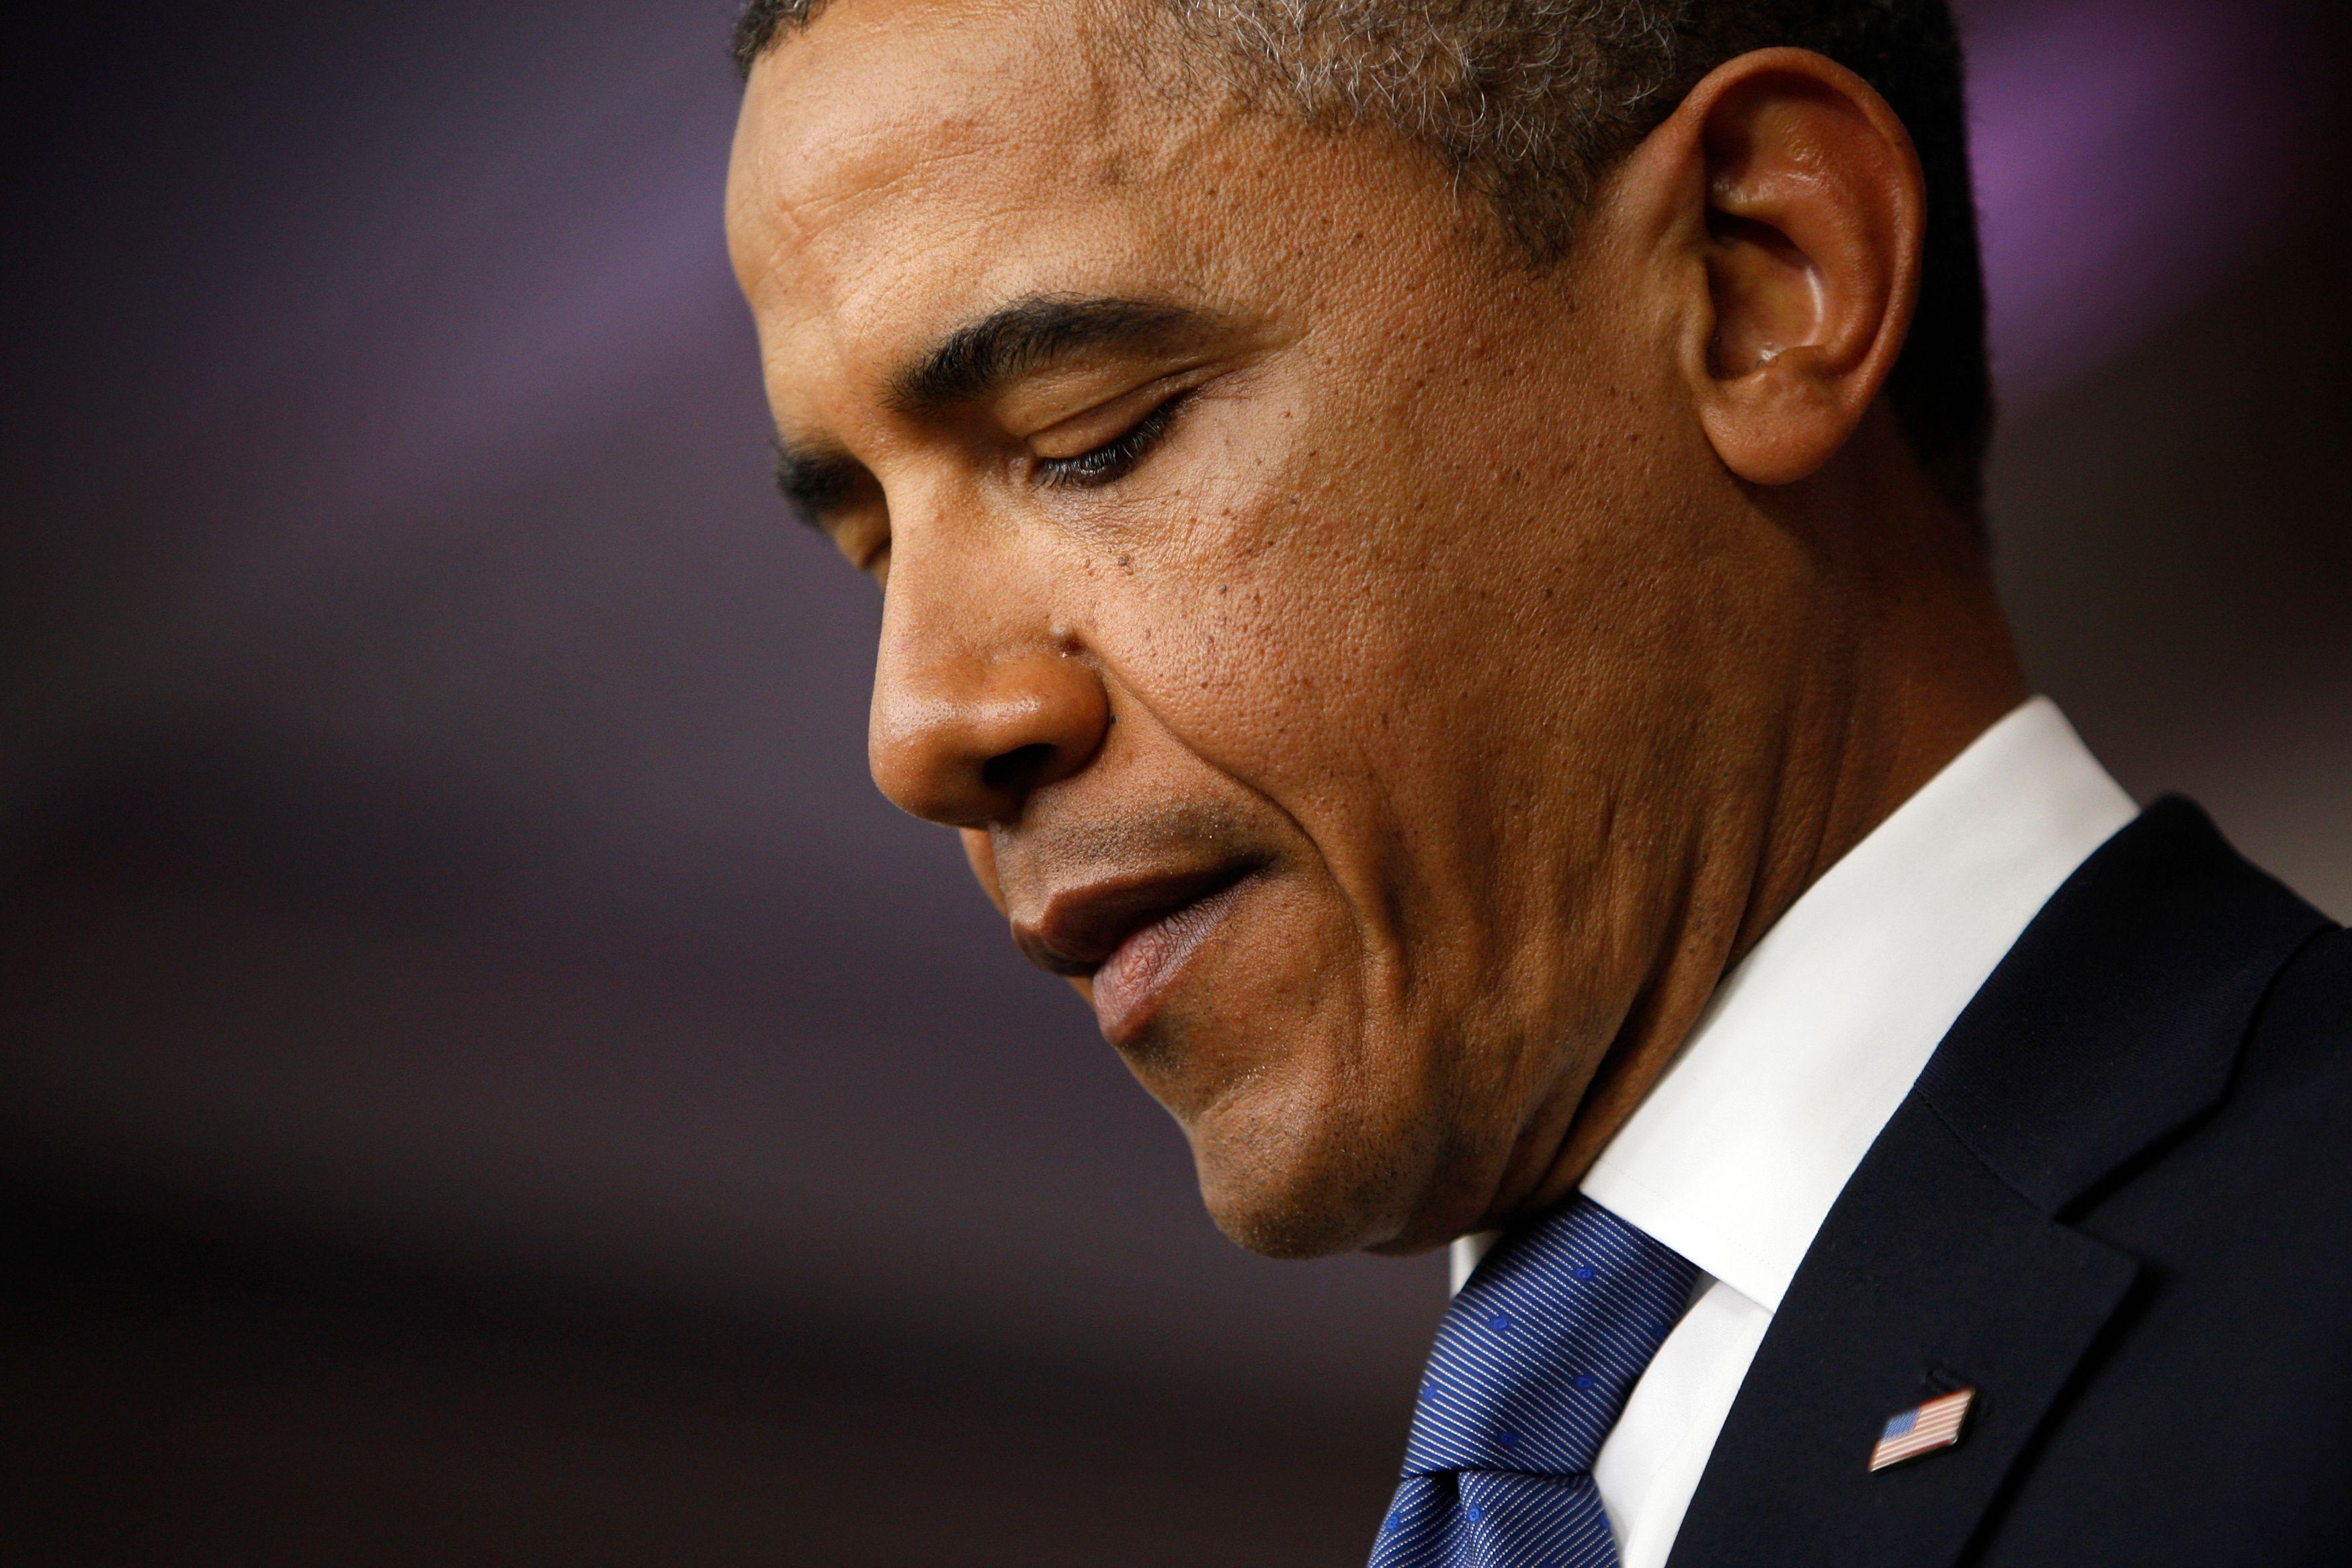 Jeudi, la Maison Blanche a annoncé un soutien militaire aux rebelles, sans aller jusqu'à parler de livraisons d'armes.